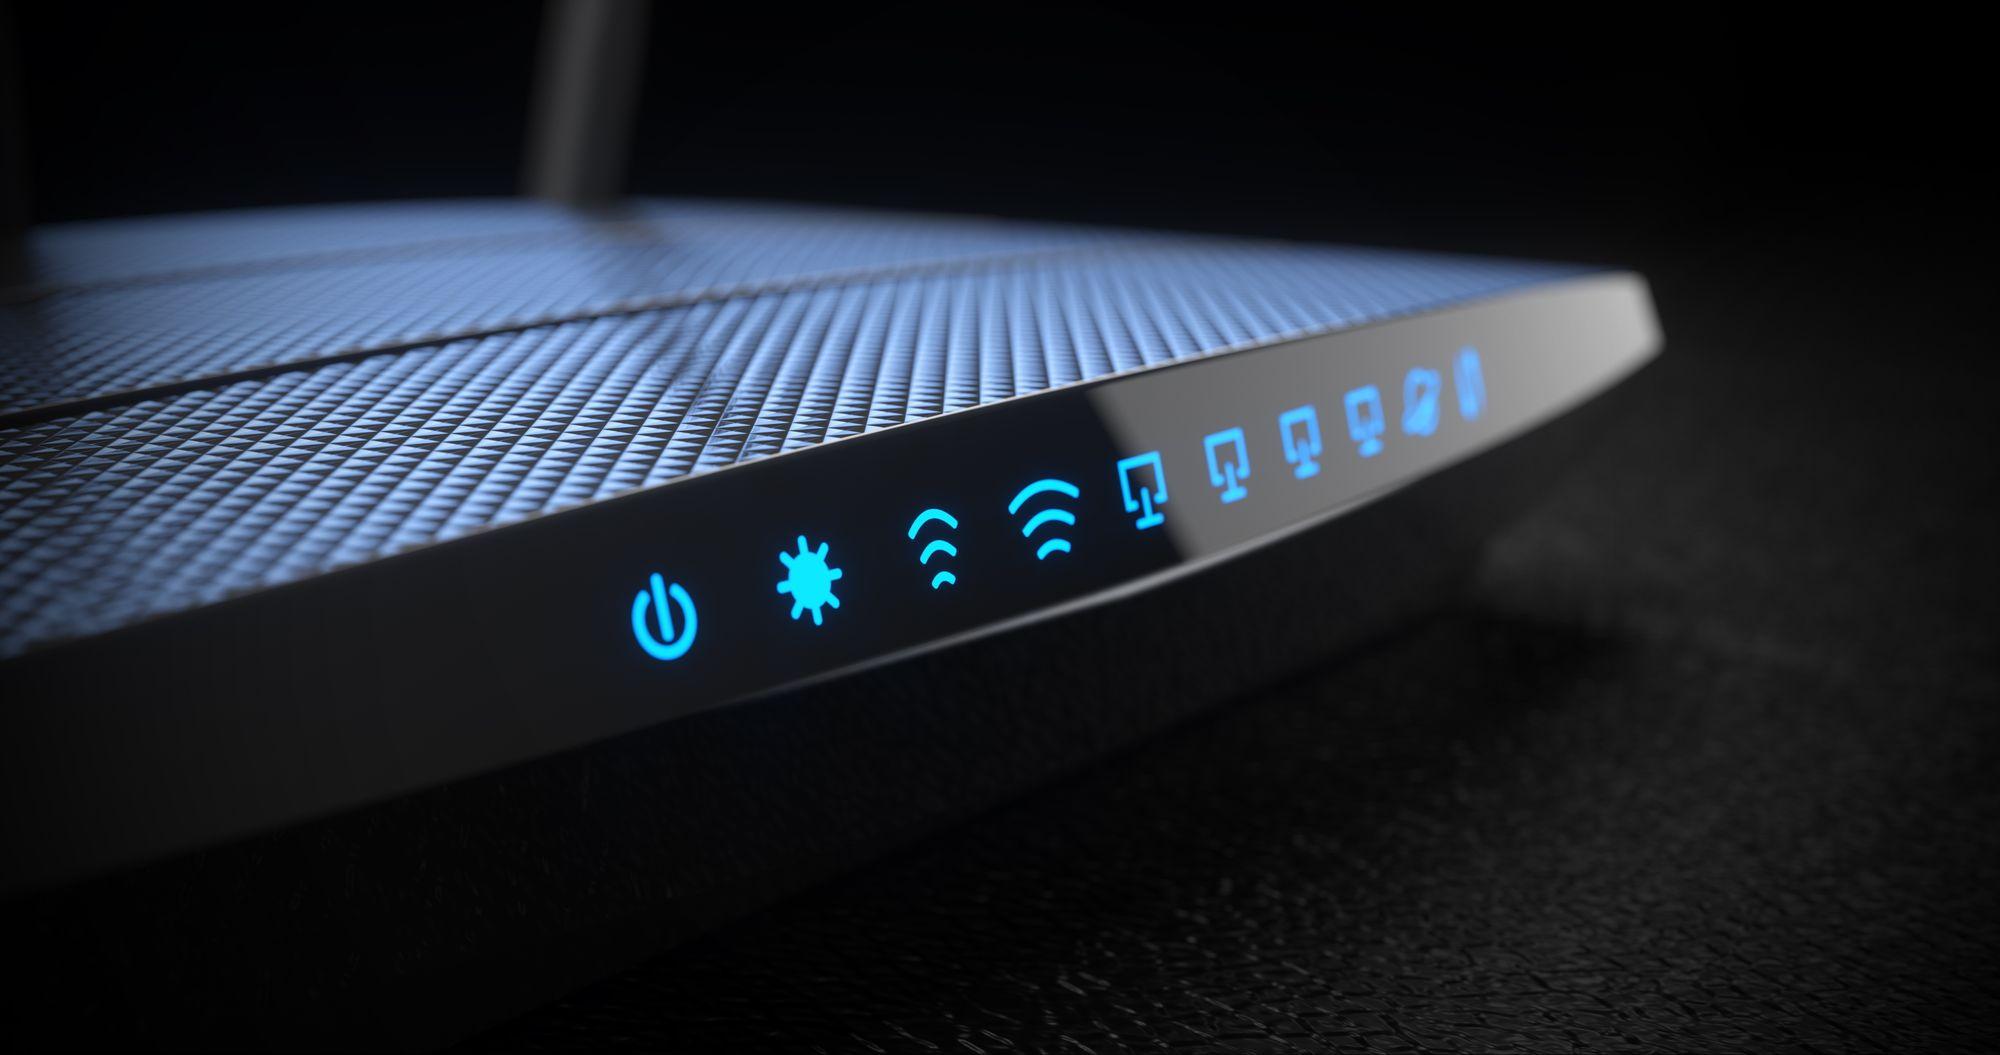 İnternet hızı yükseltme